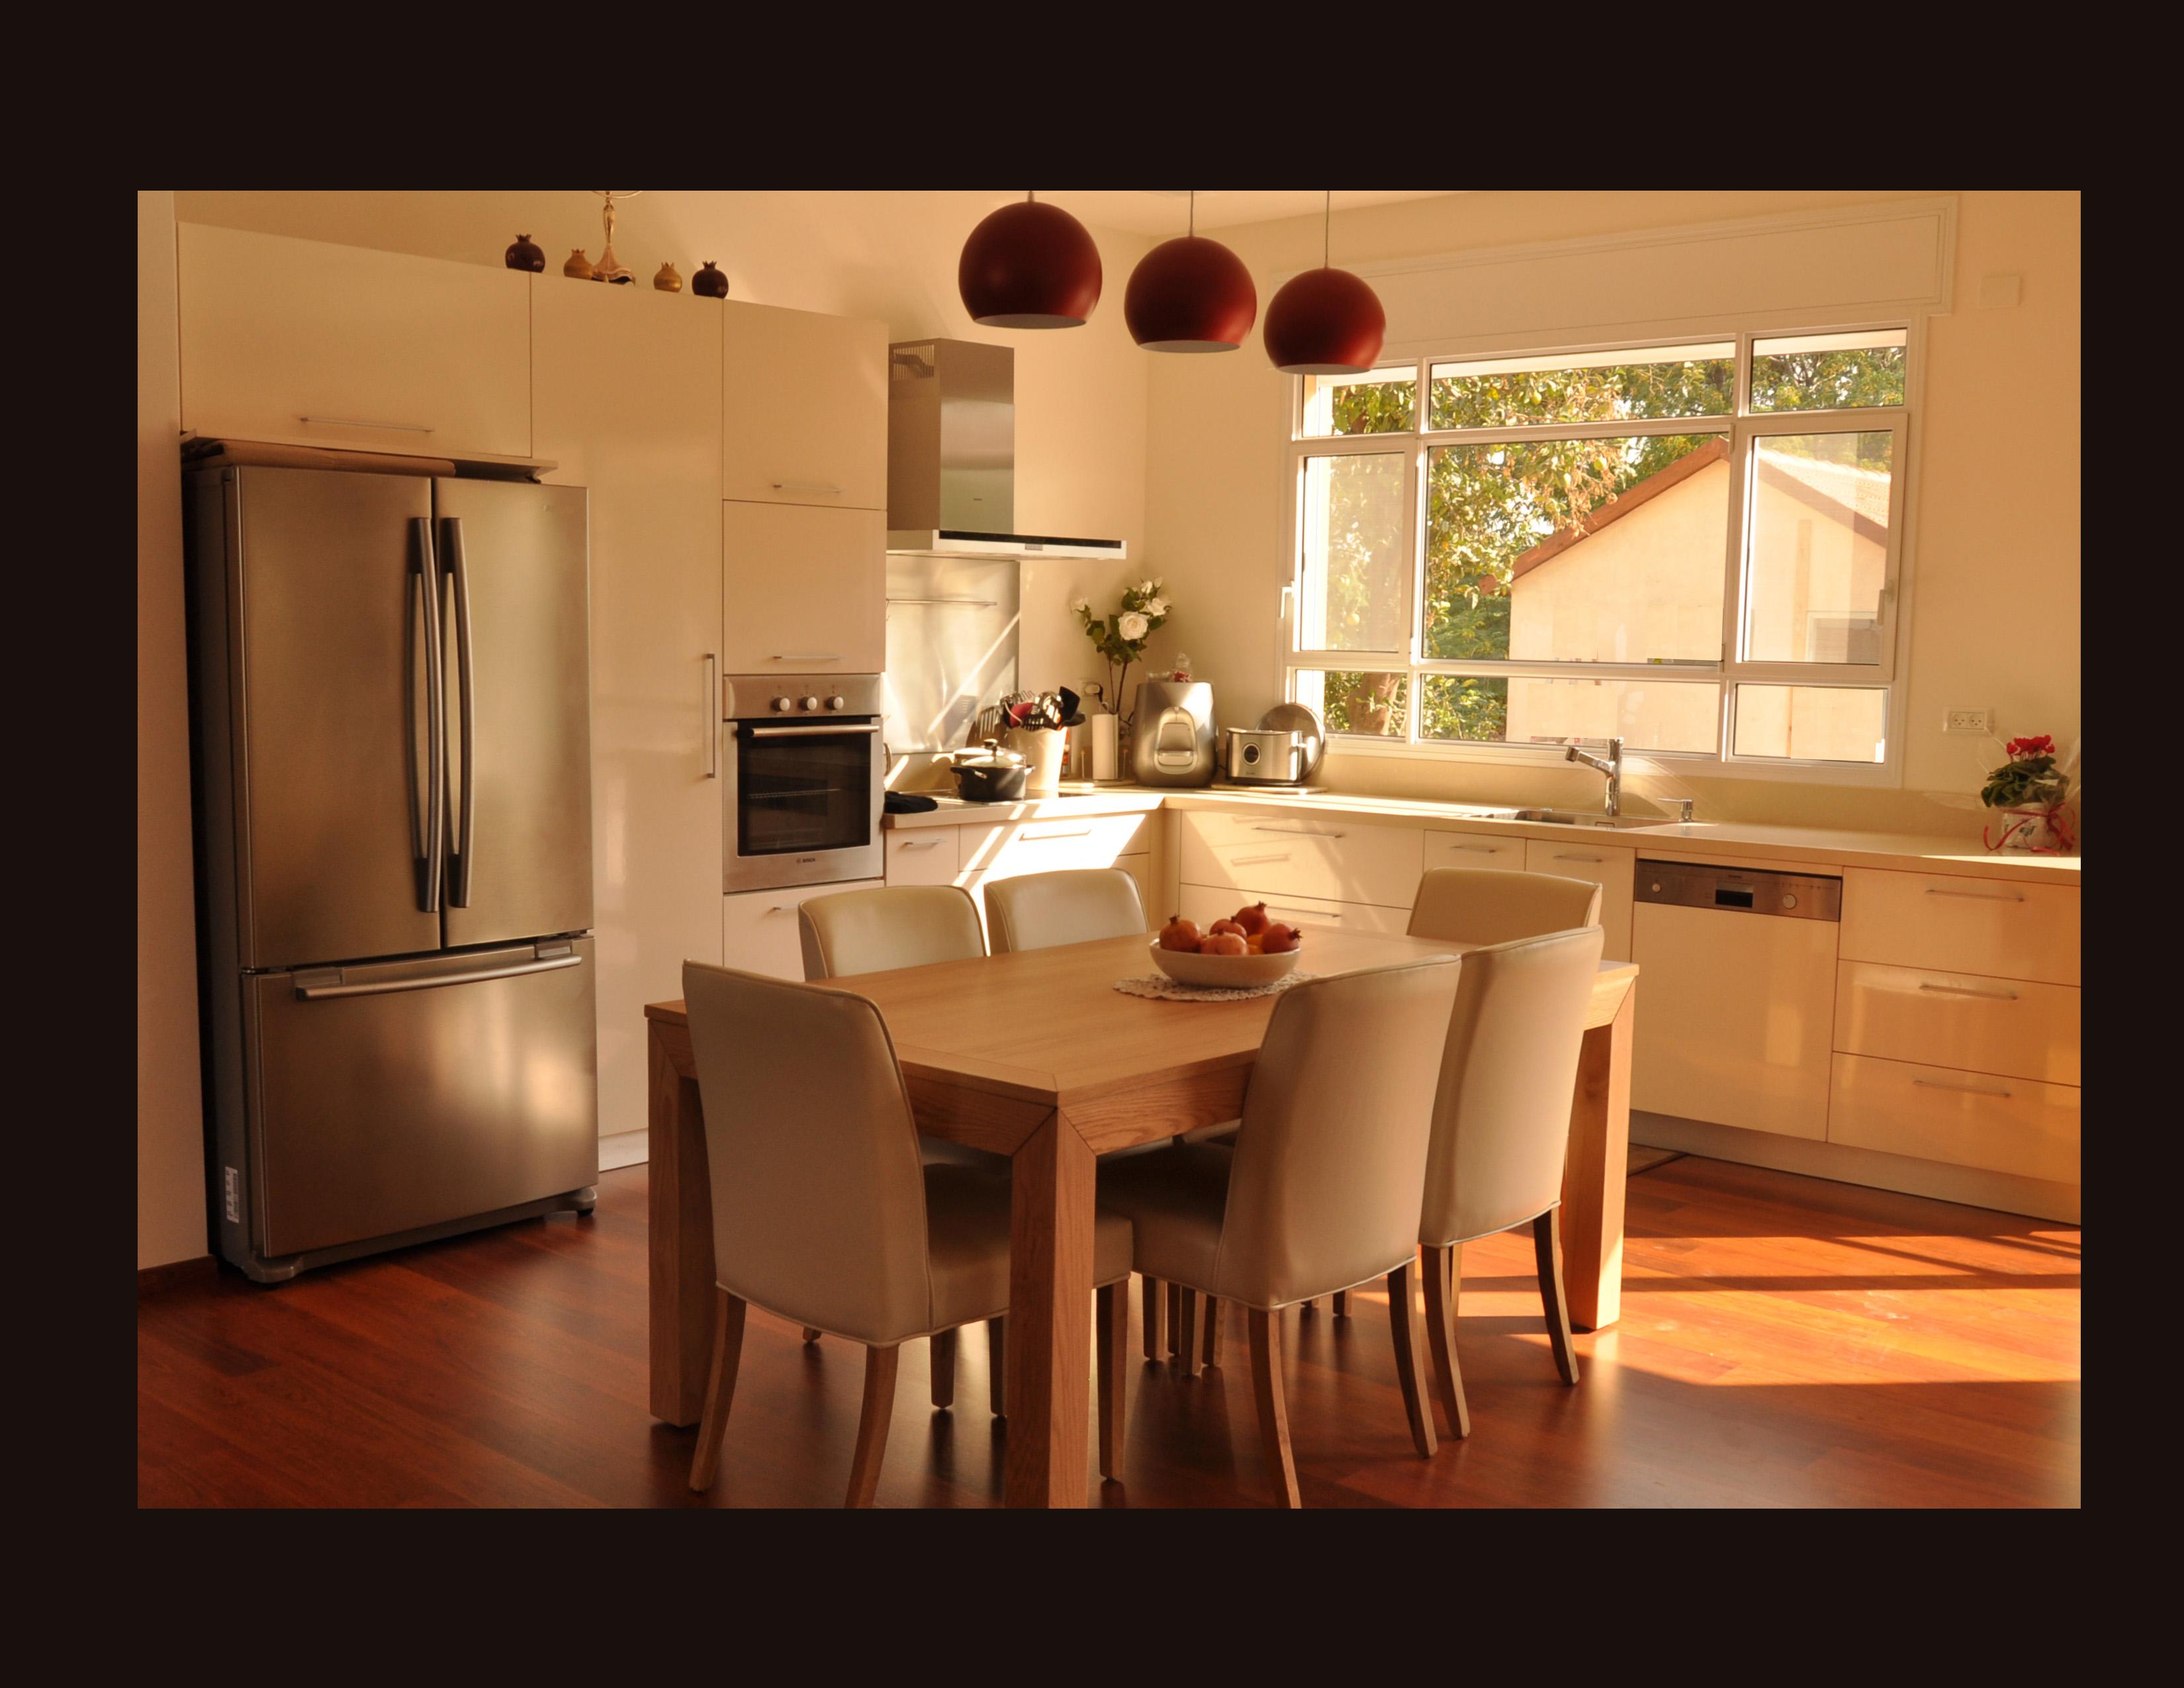 hodor+dining+room